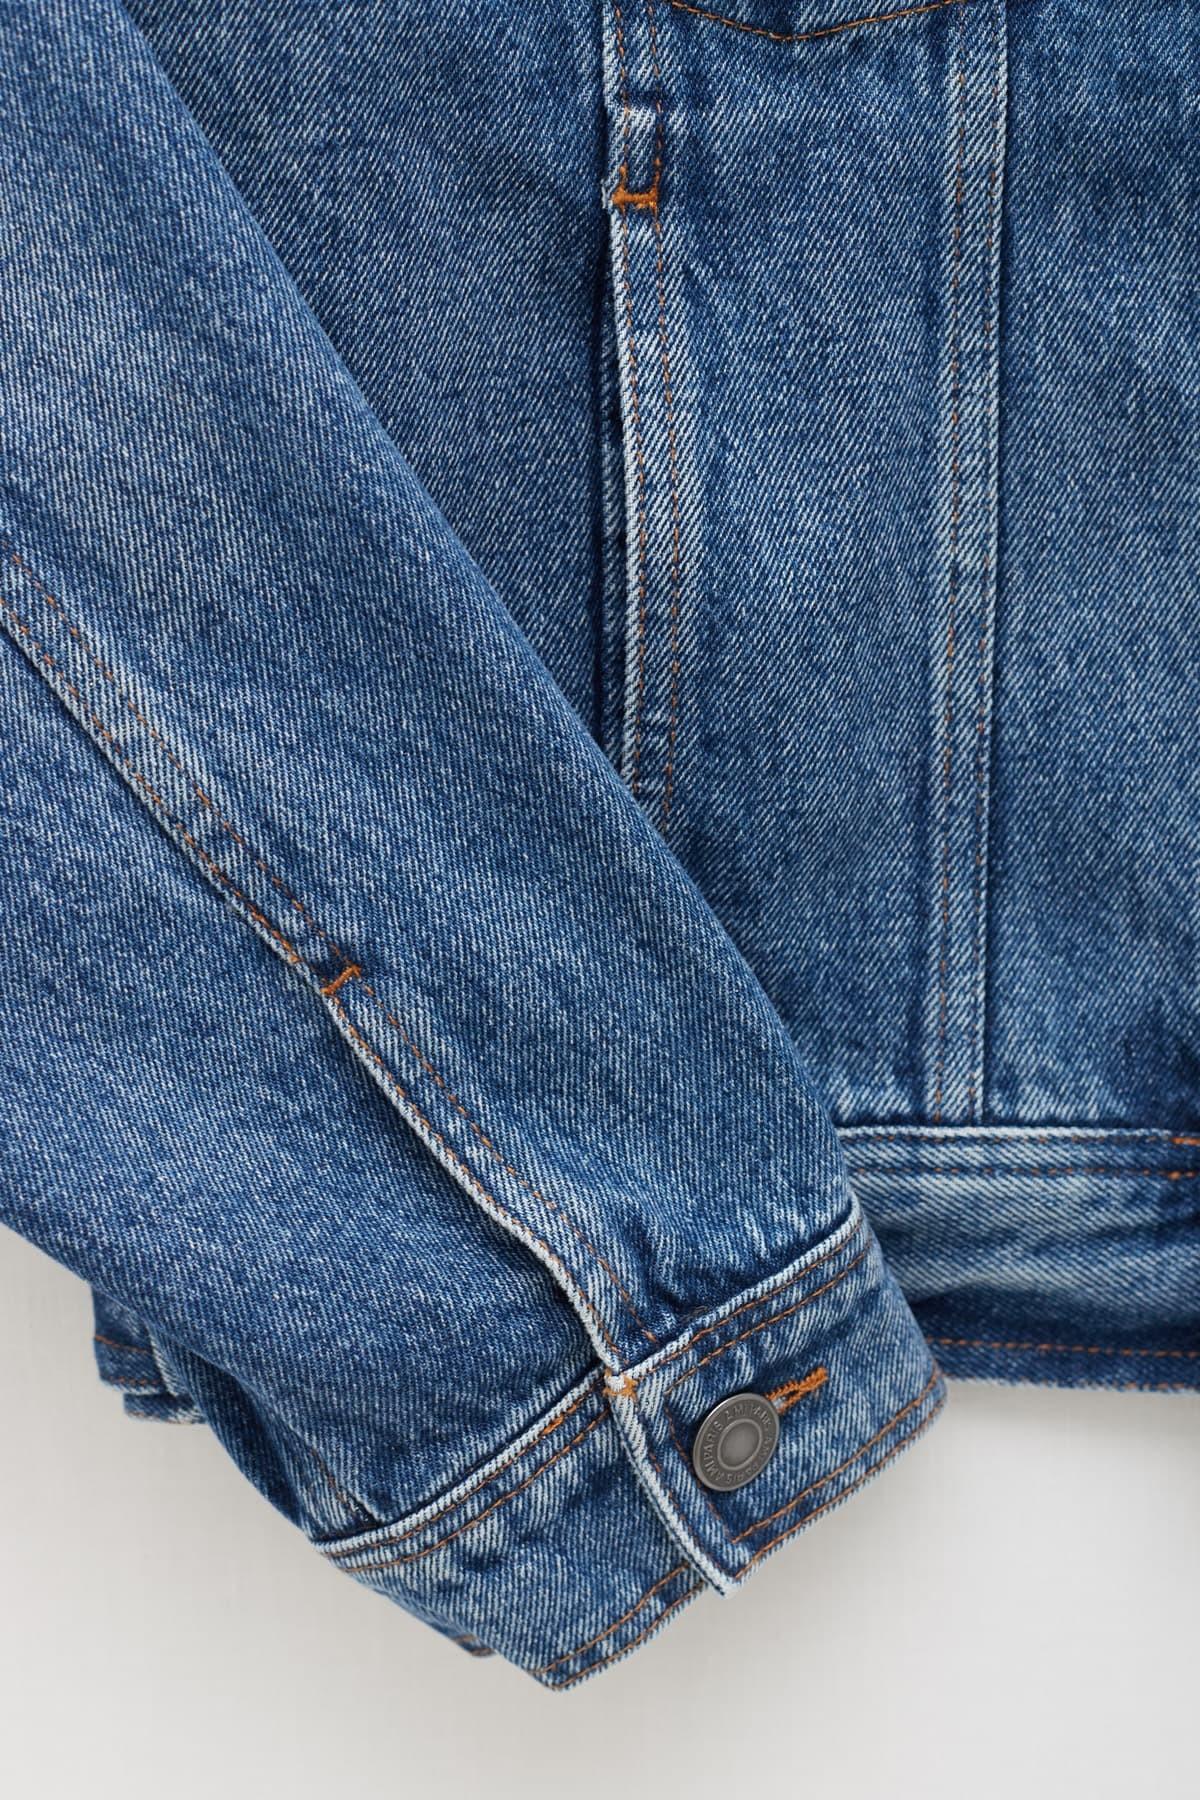 Comme Des Garcons SHIRT Pink Yue Minjun Short Trouser FG-P025